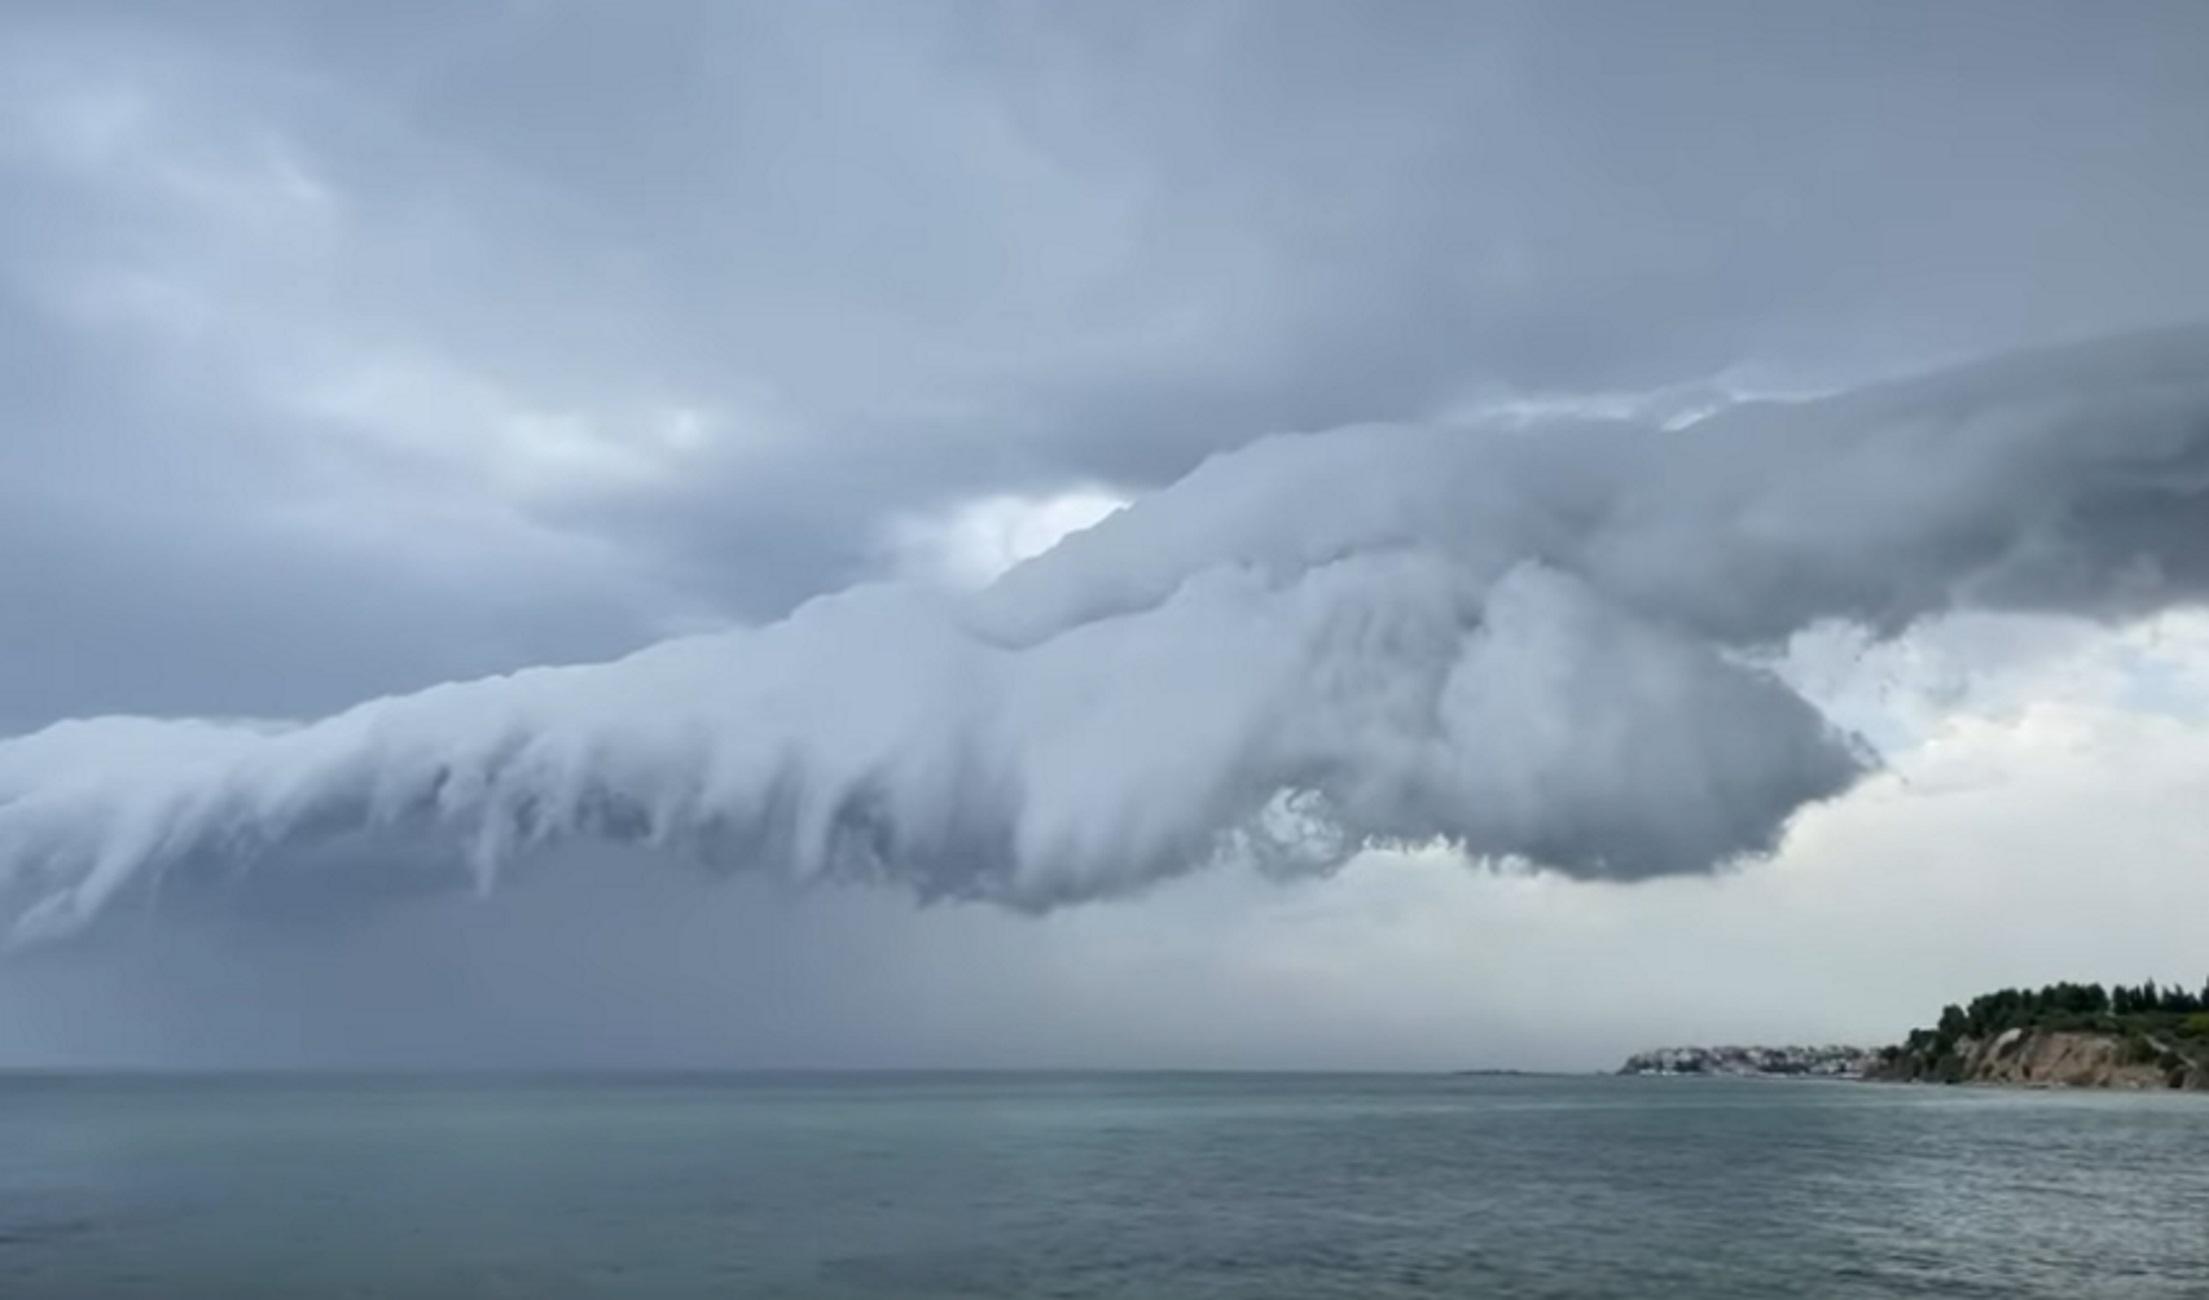 Θεσσαλονίκη: Δυνατό μπουρίνι με τα σύννεφα να κάνουν «βουτιά» στη θάλασσα – Το βίντεο της ημέρας